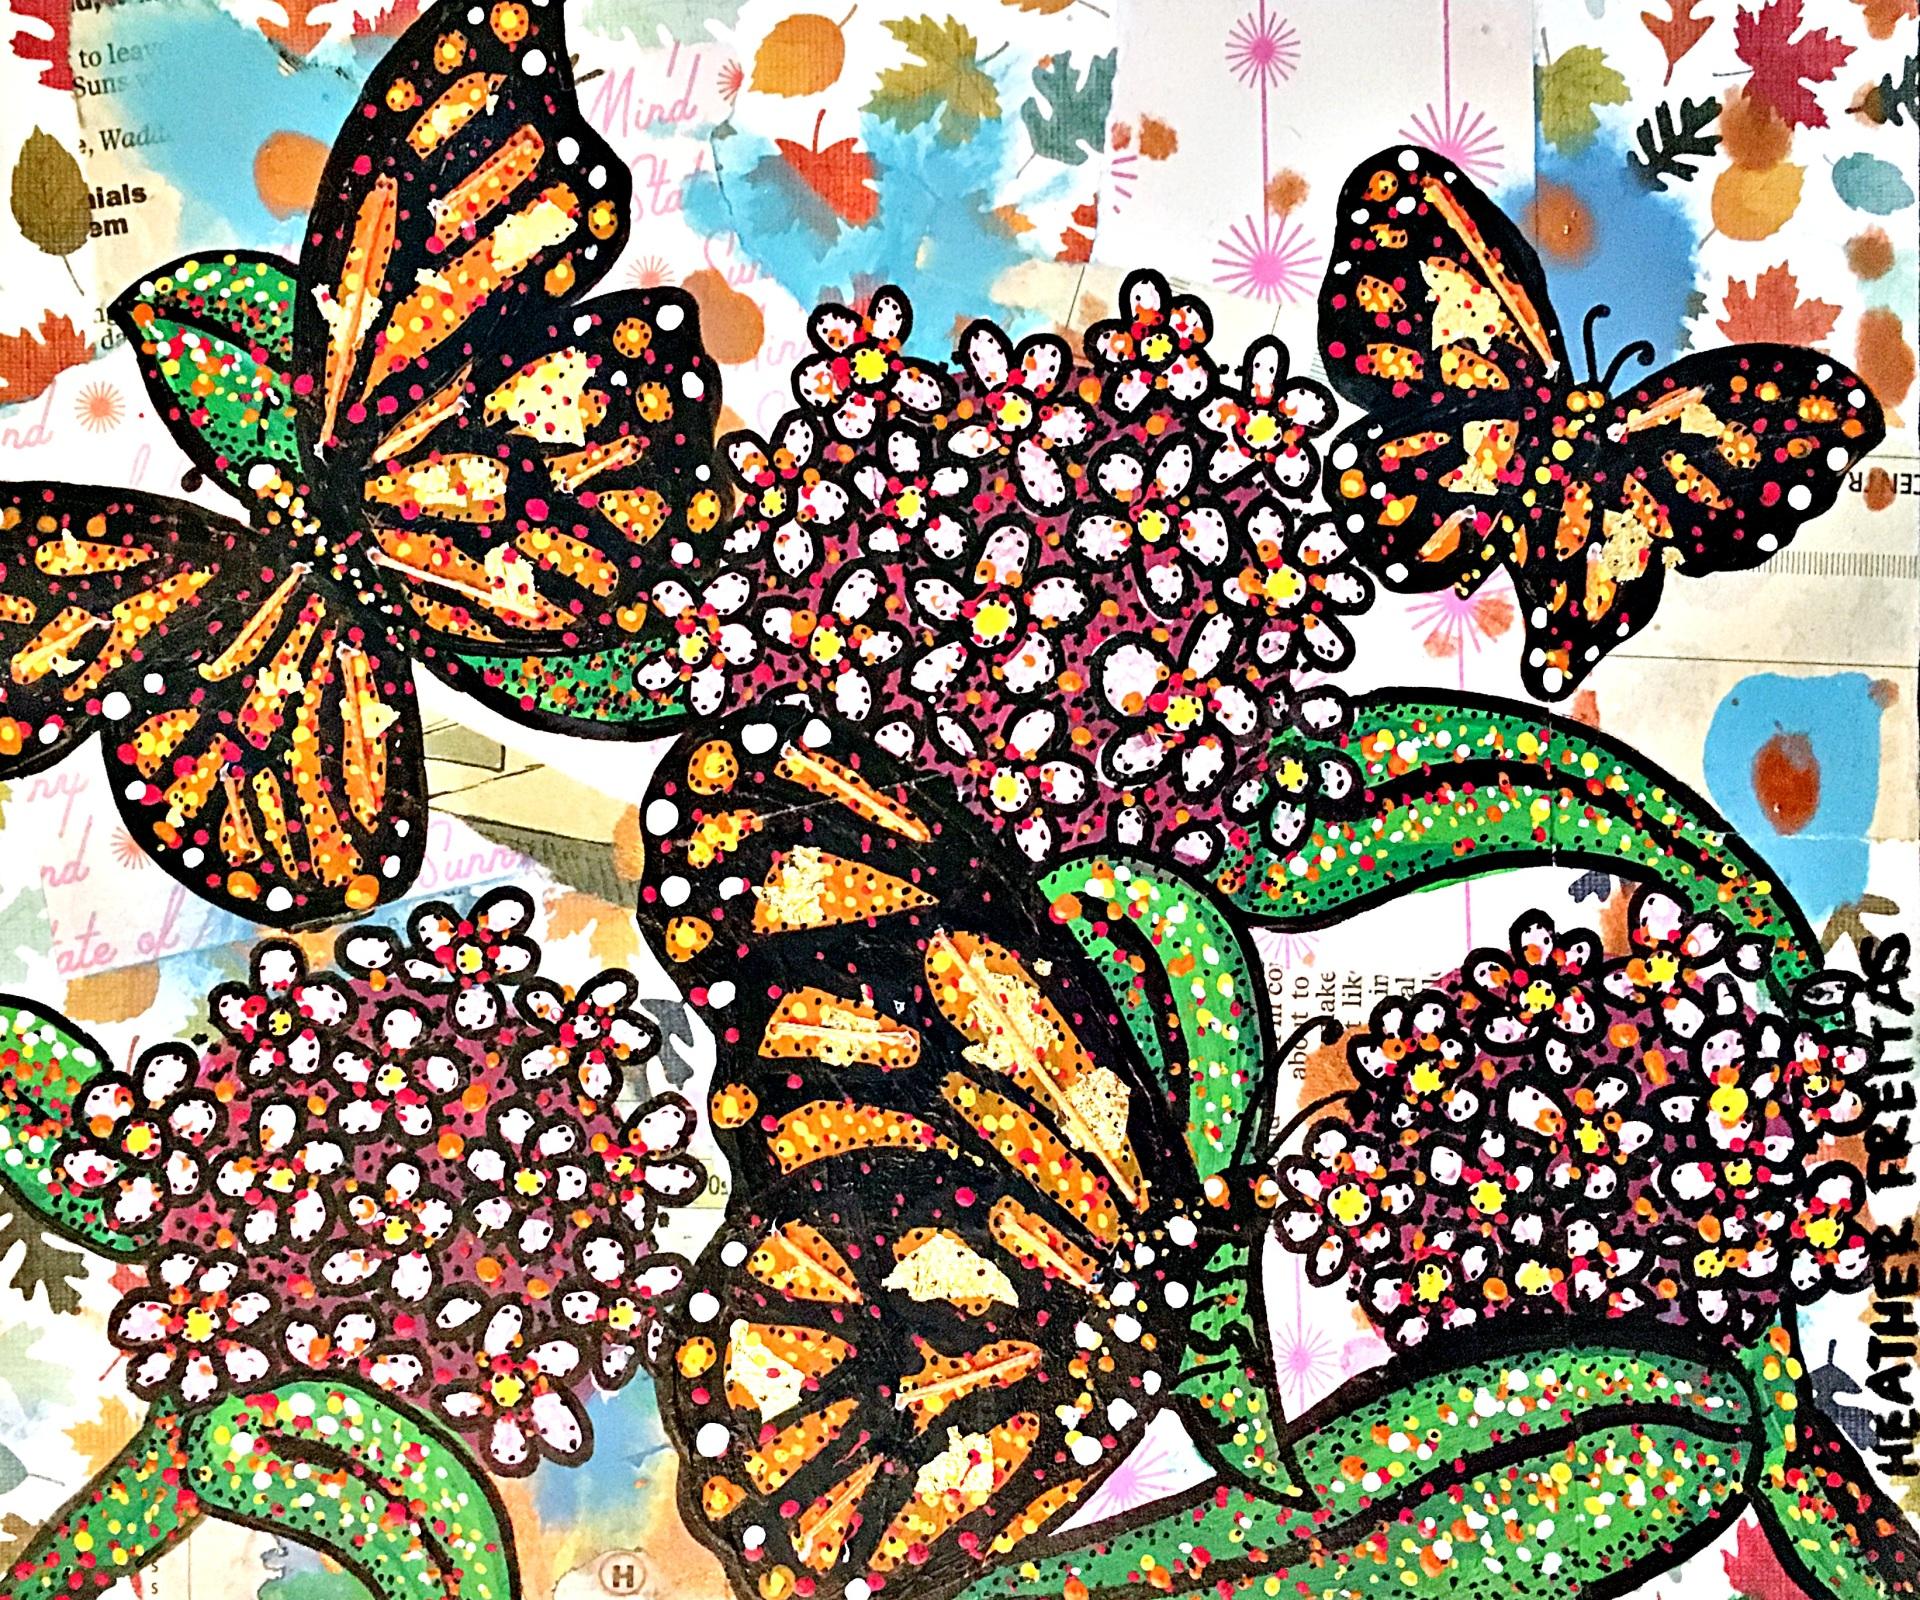 The Monarchs Milkweed